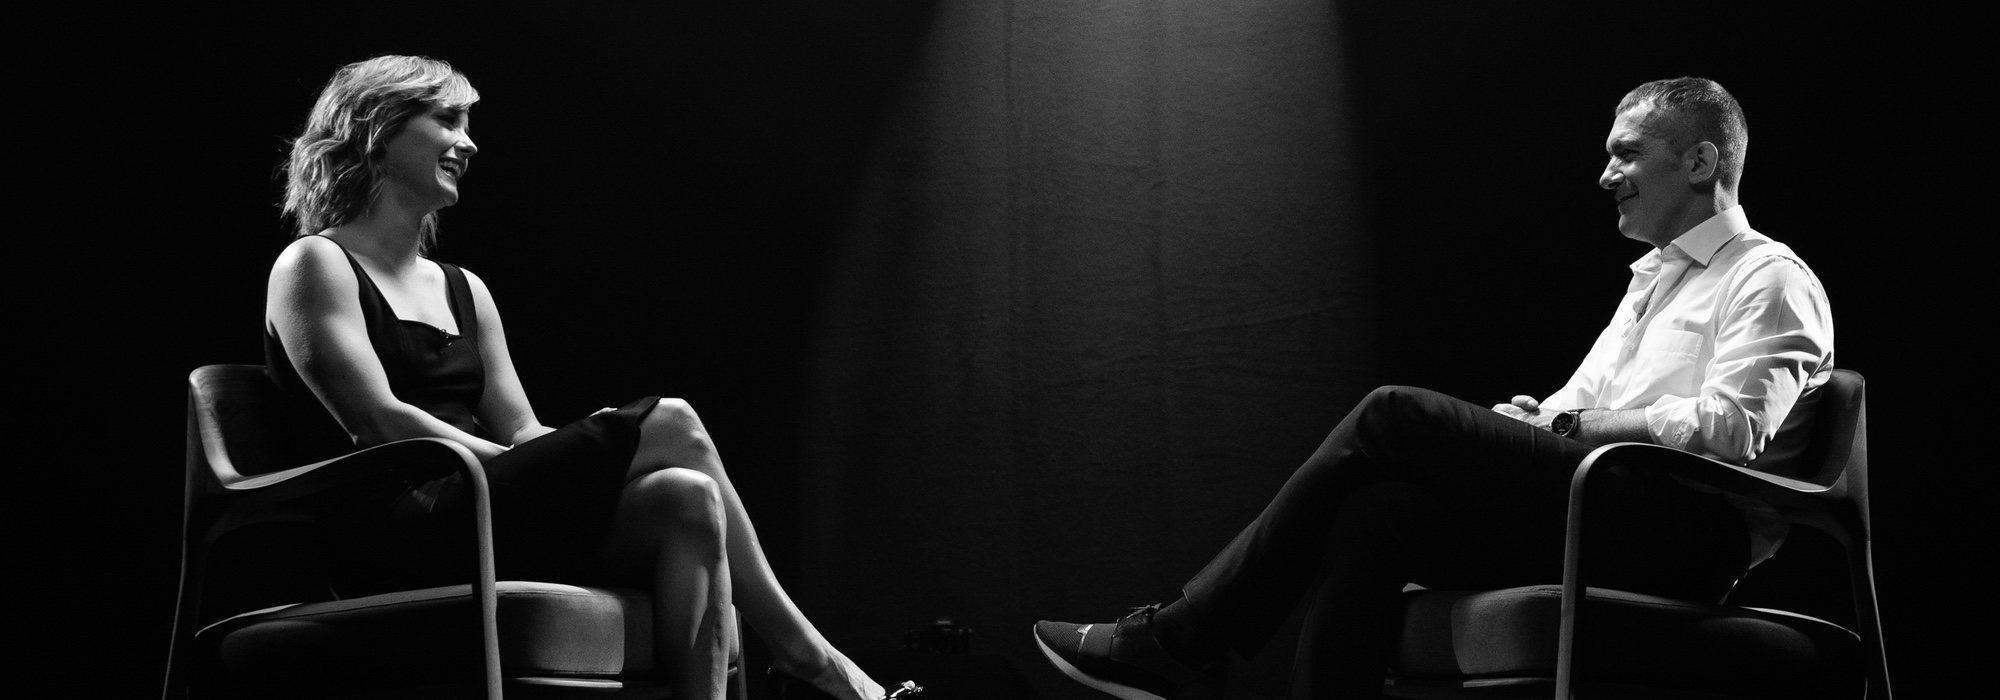 Escena en blanco y negro